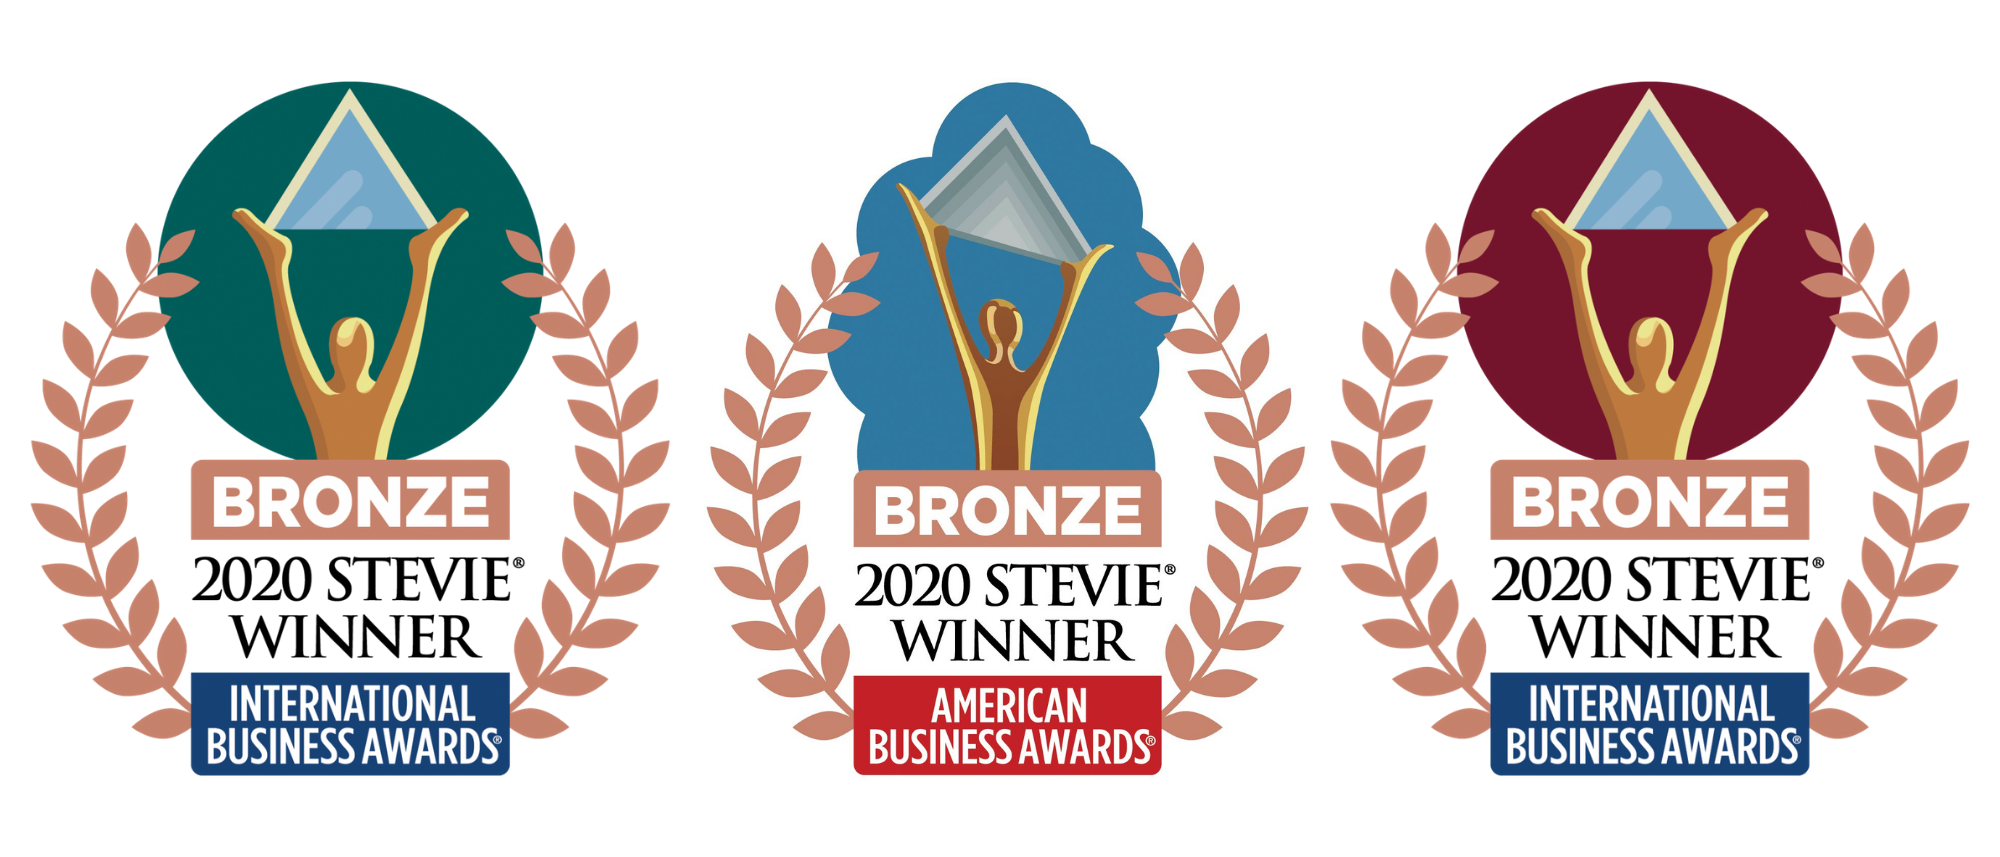 Stevies Awards Logos